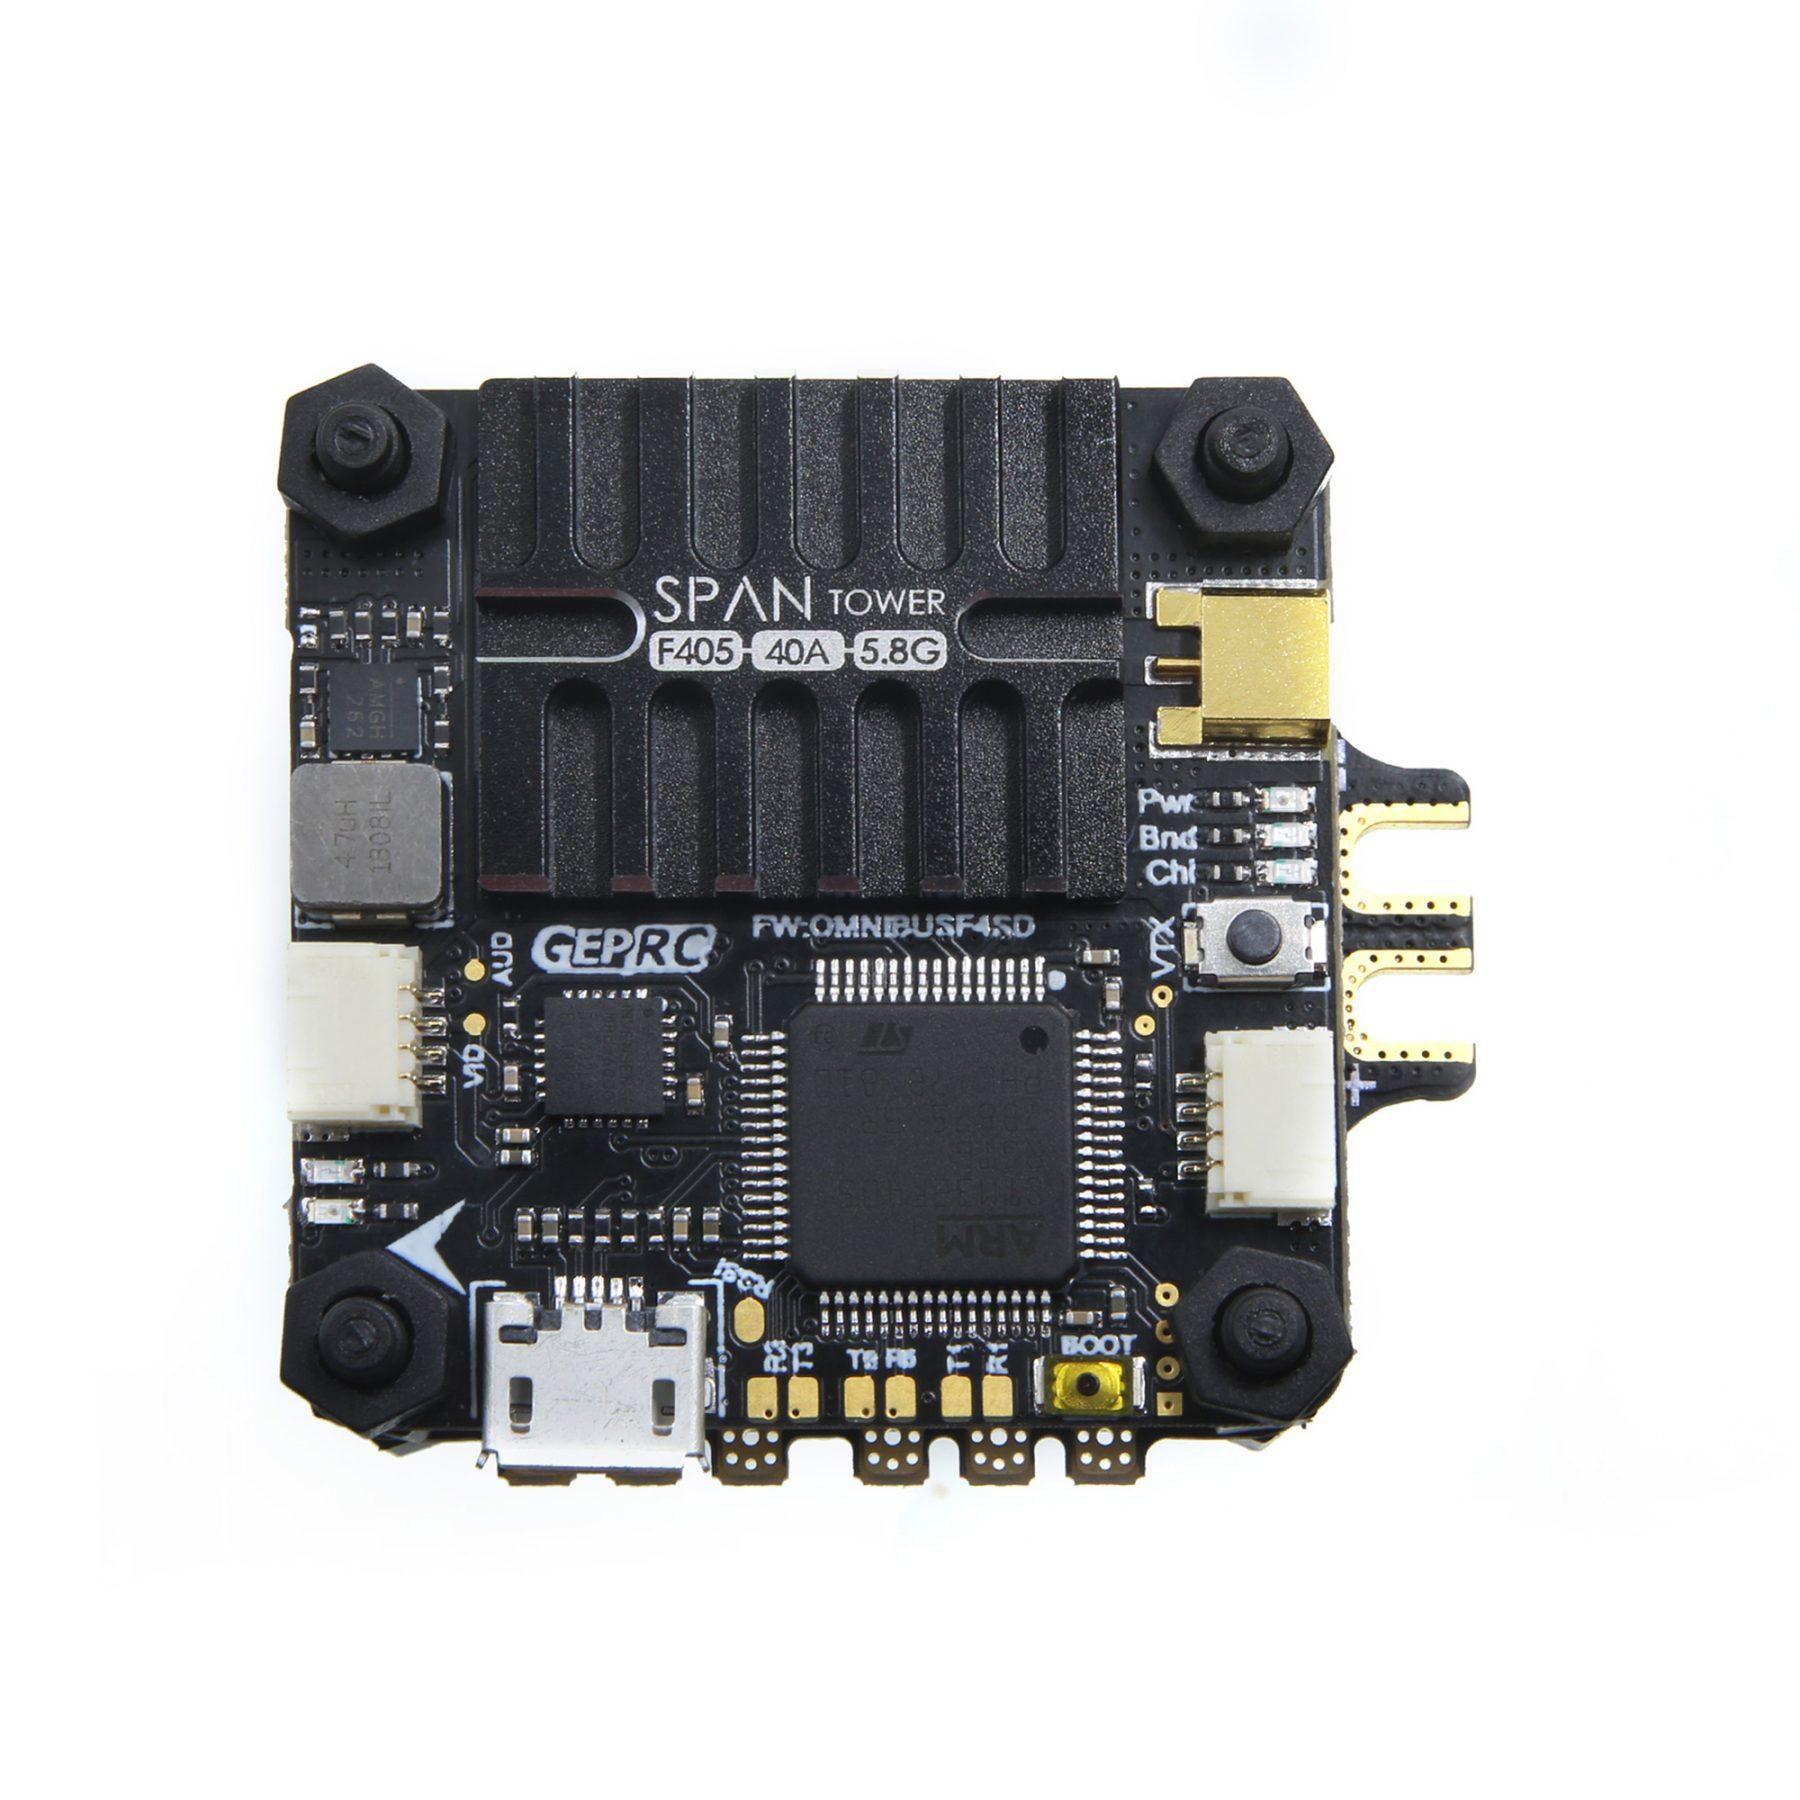 GEPRC do ustawiania zakresu pomiarowego F4 wieża F405 sterowania lotem Betaflight zintegrowany 5.8G 48CH VTX + BLHeli_S/Dshot600 40A ESC 4in1 dla dronów wyścigowych FPV w Części i akcesoria od Zabawki i hobby na  Grupa 3